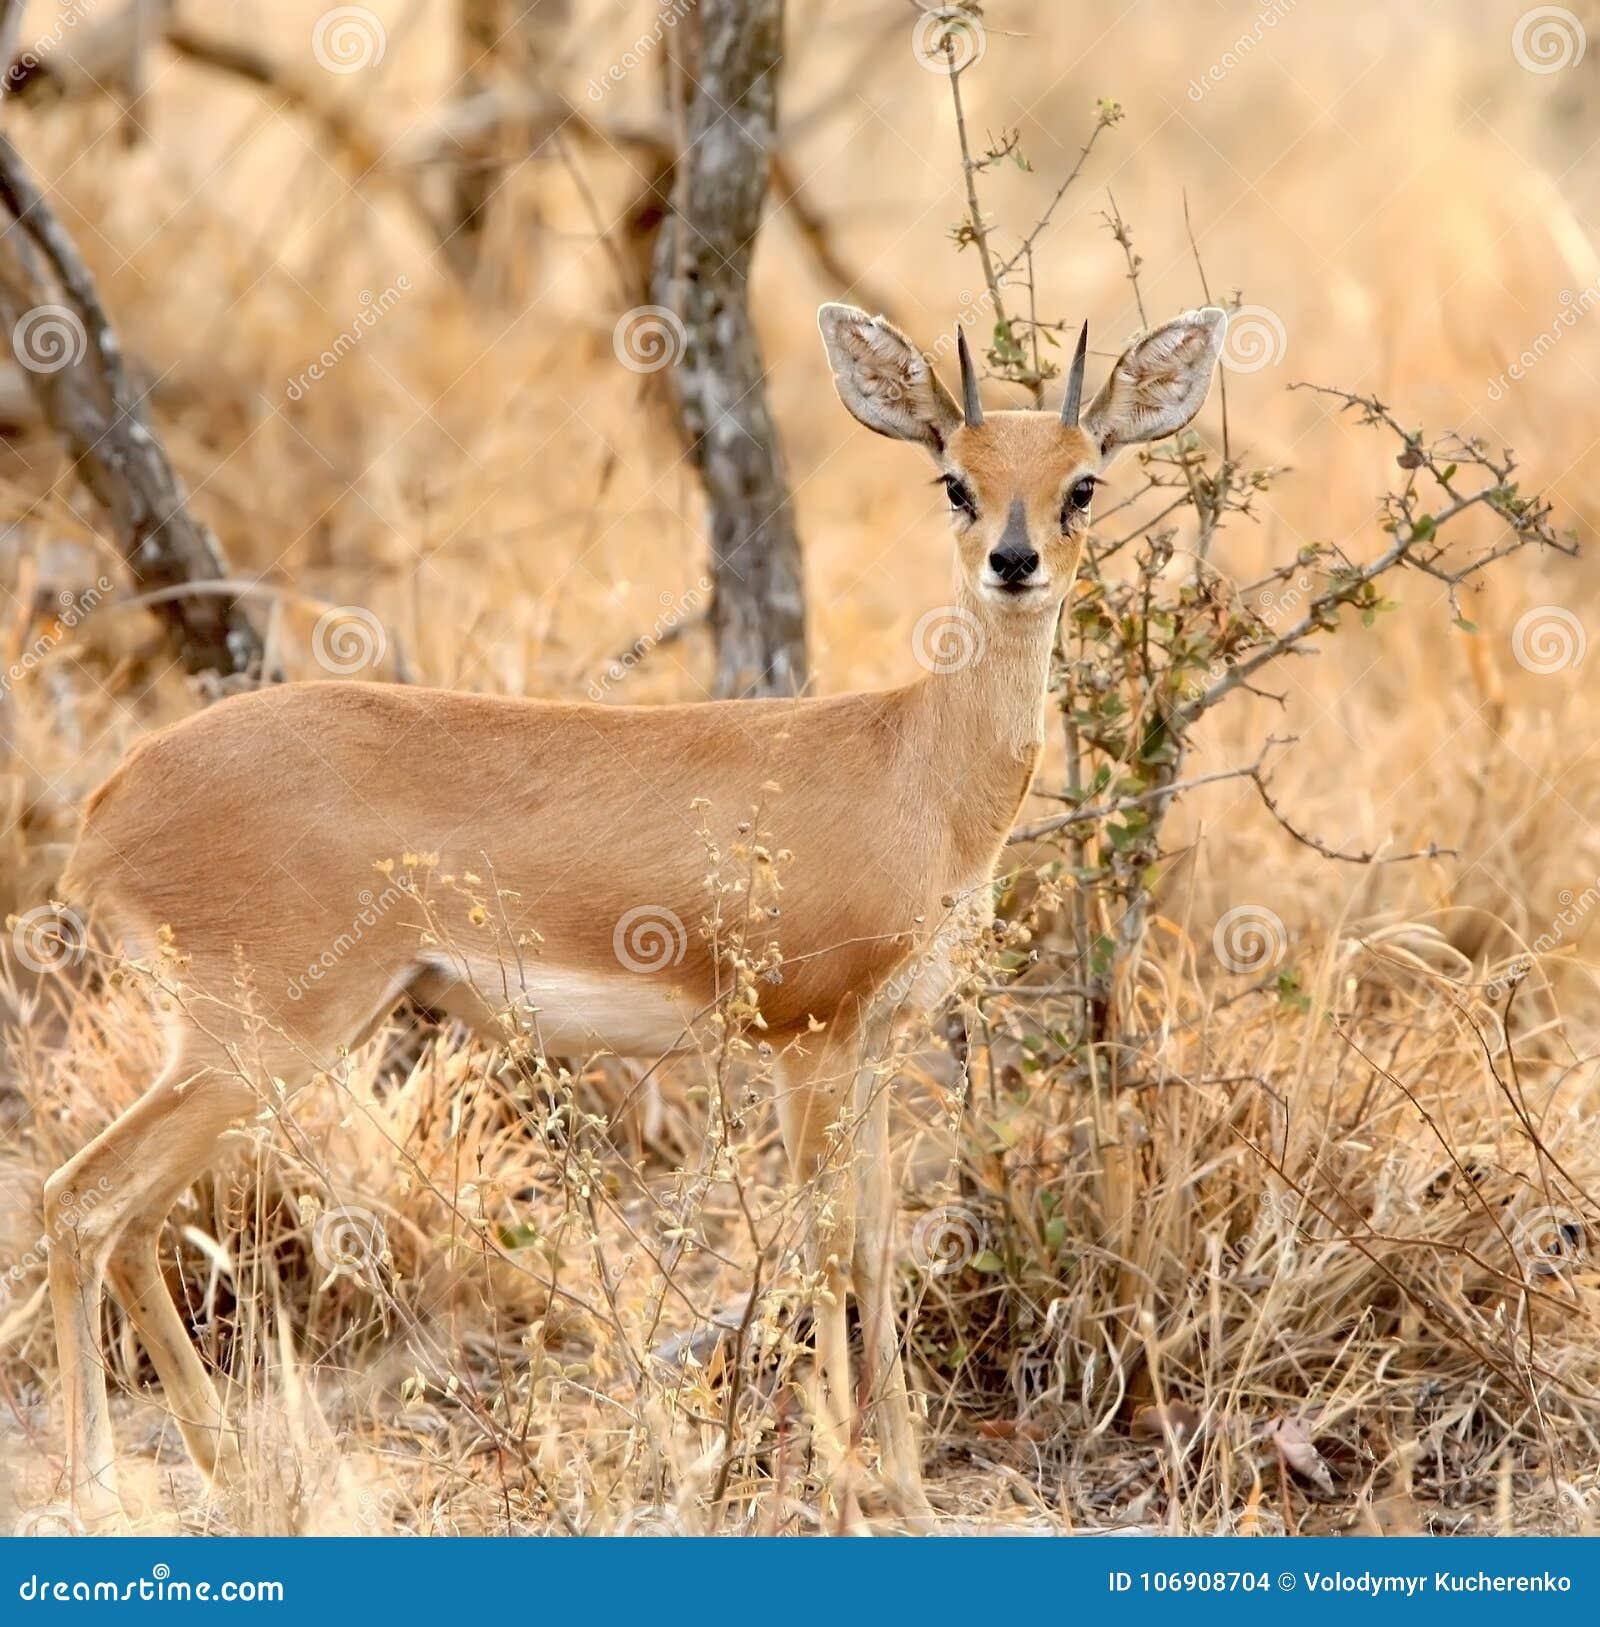 Steenbok Raphicerus campestris